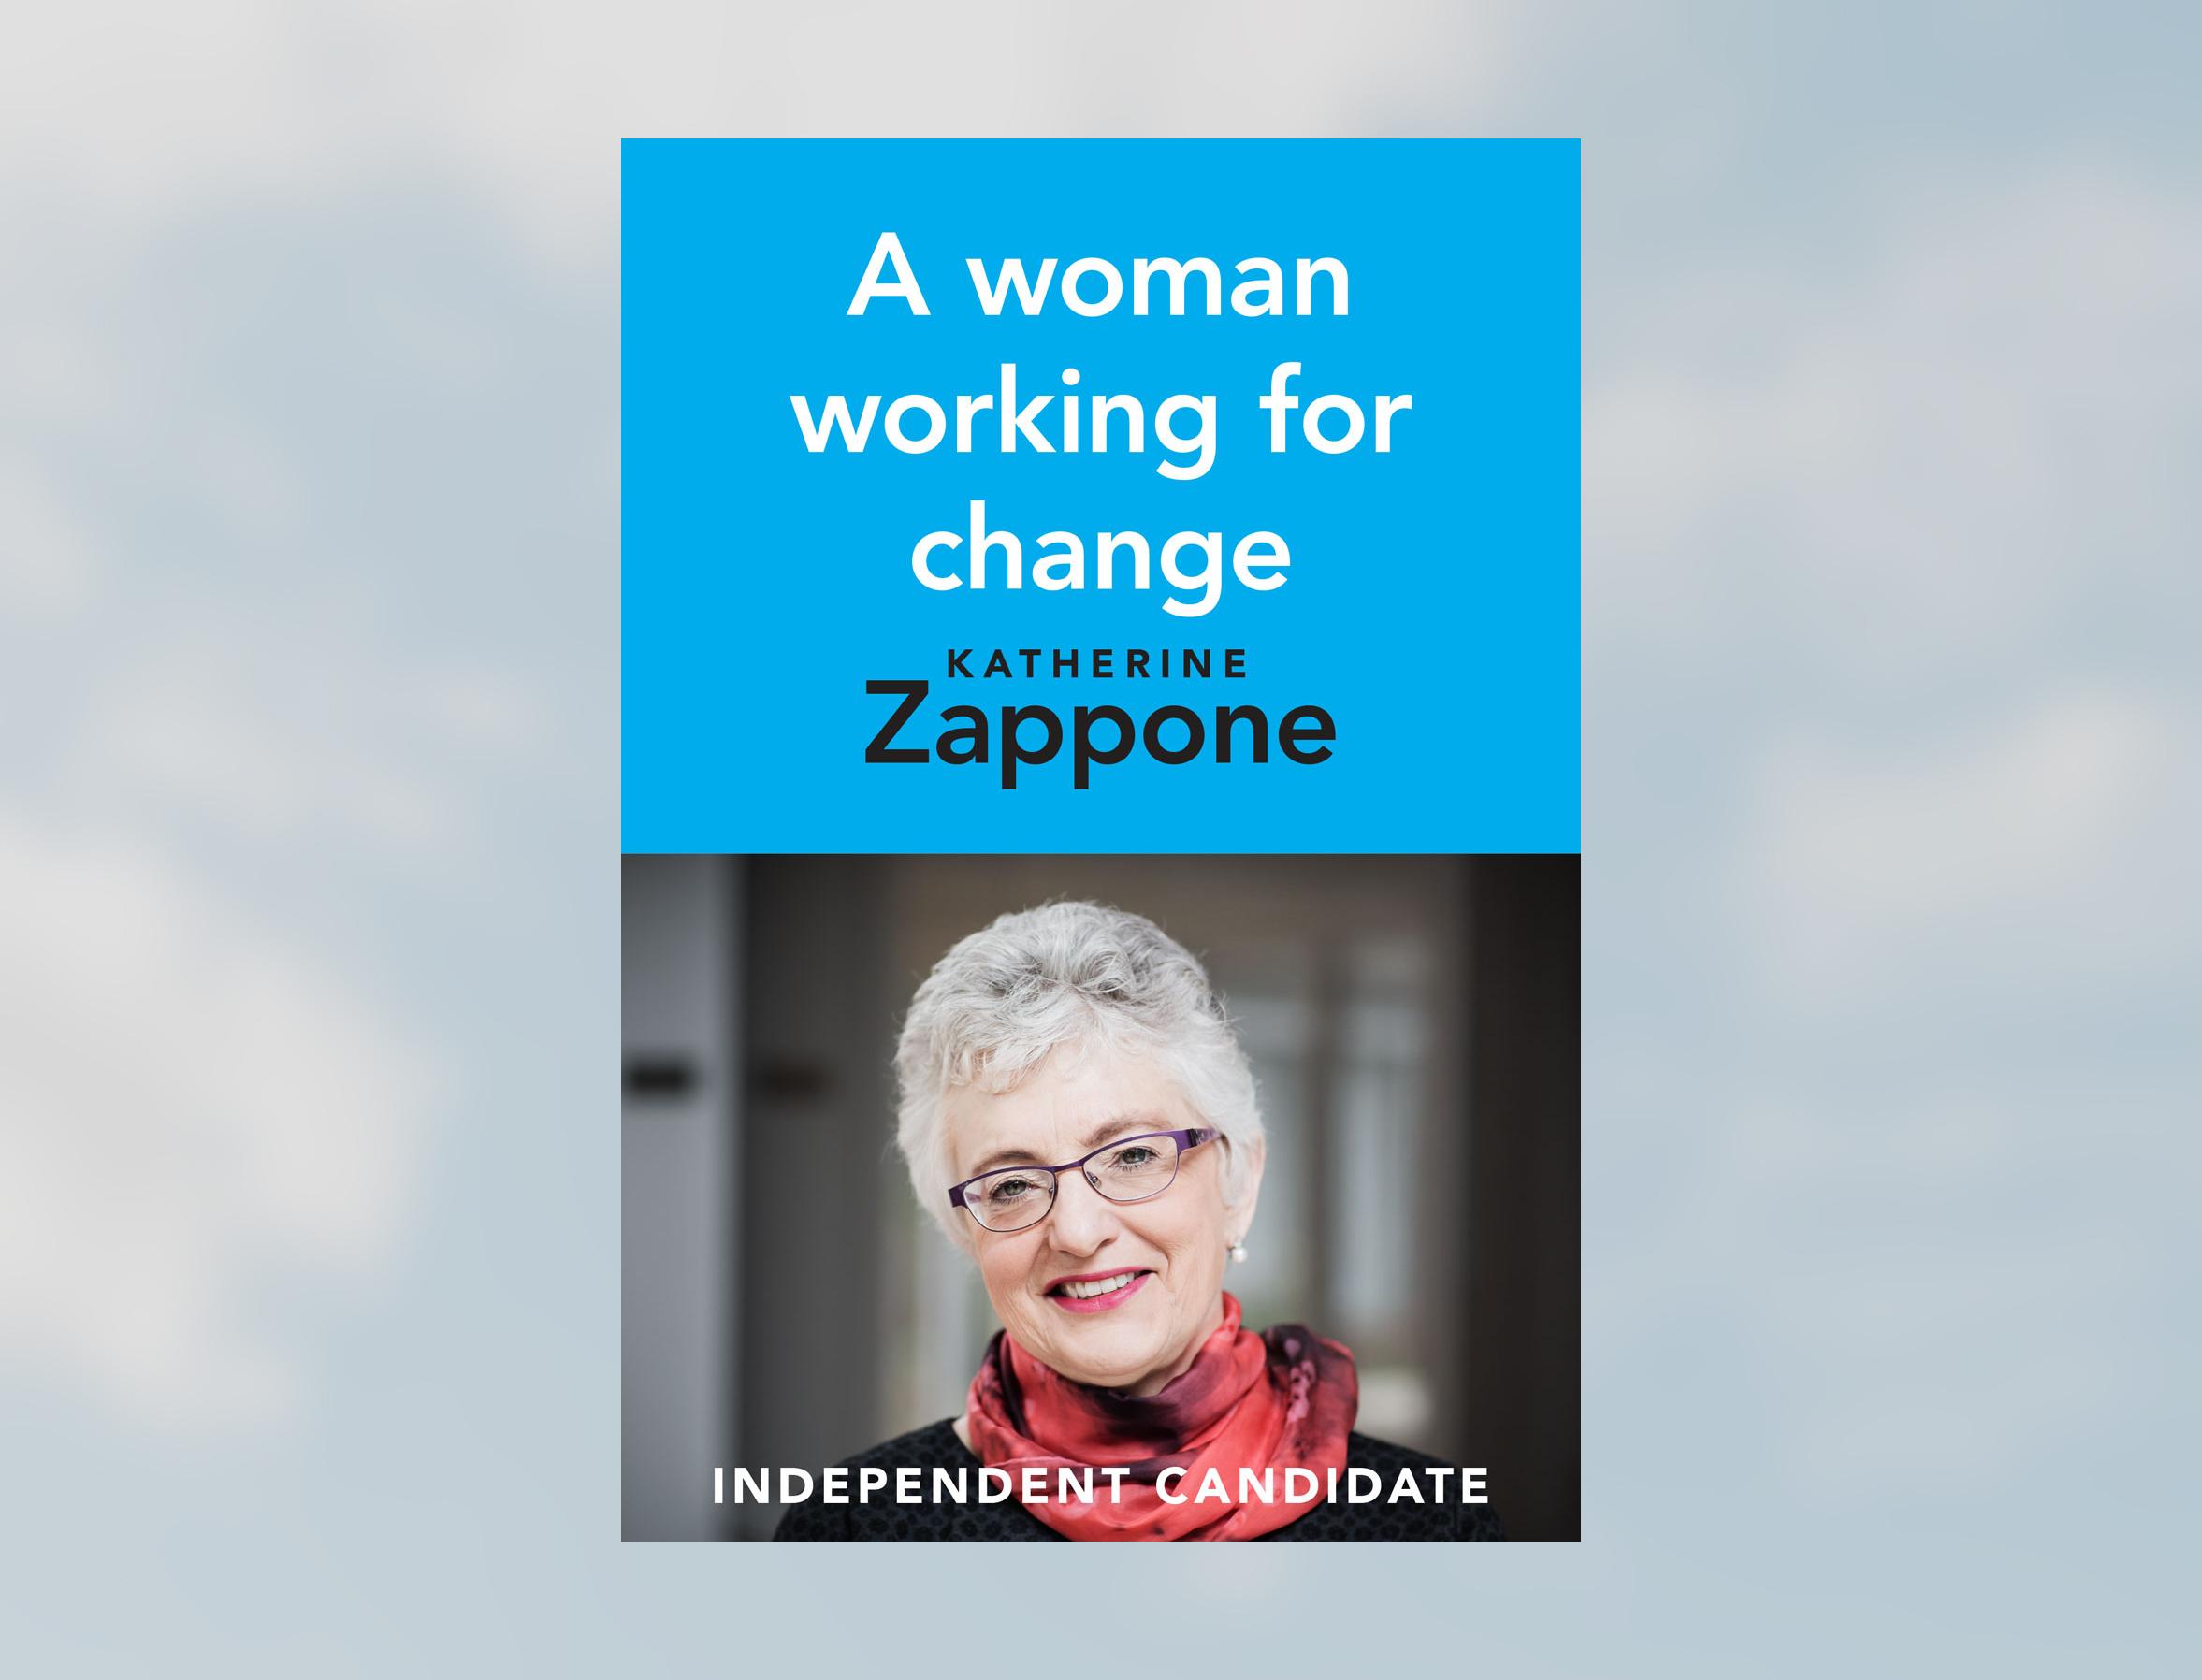 Cover image: Vote Zappone